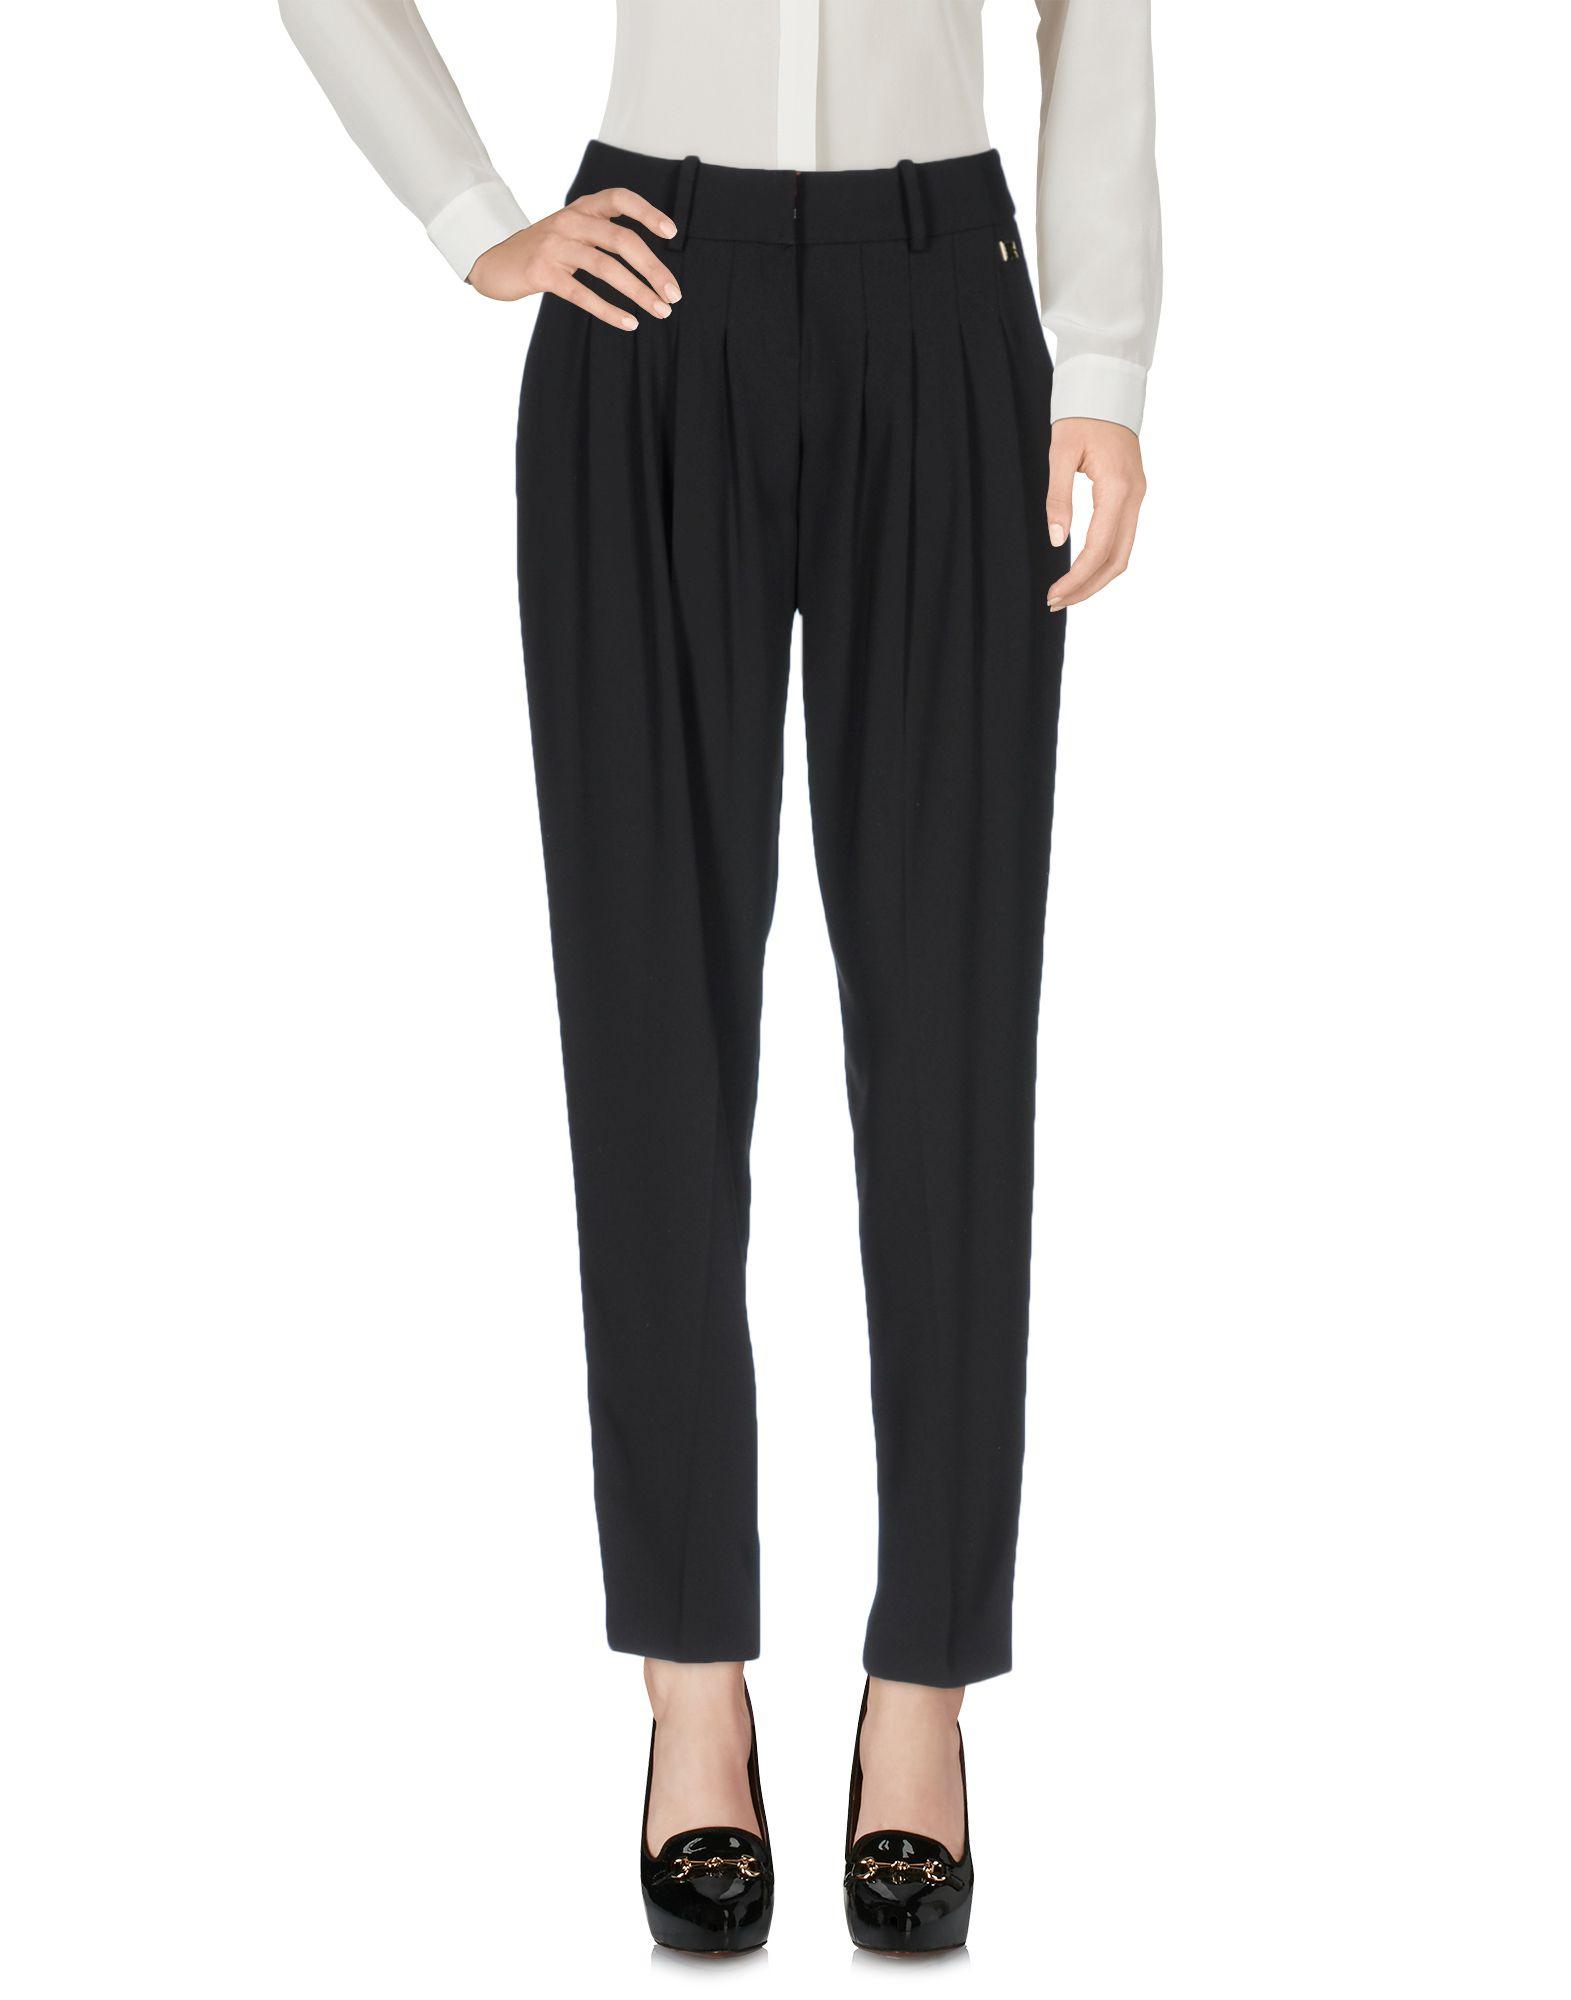 ELISABETTA FRANCHI for CELYN b. Damen Hose Farbe Schwarz Größe 2 jetztbilligerkaufen